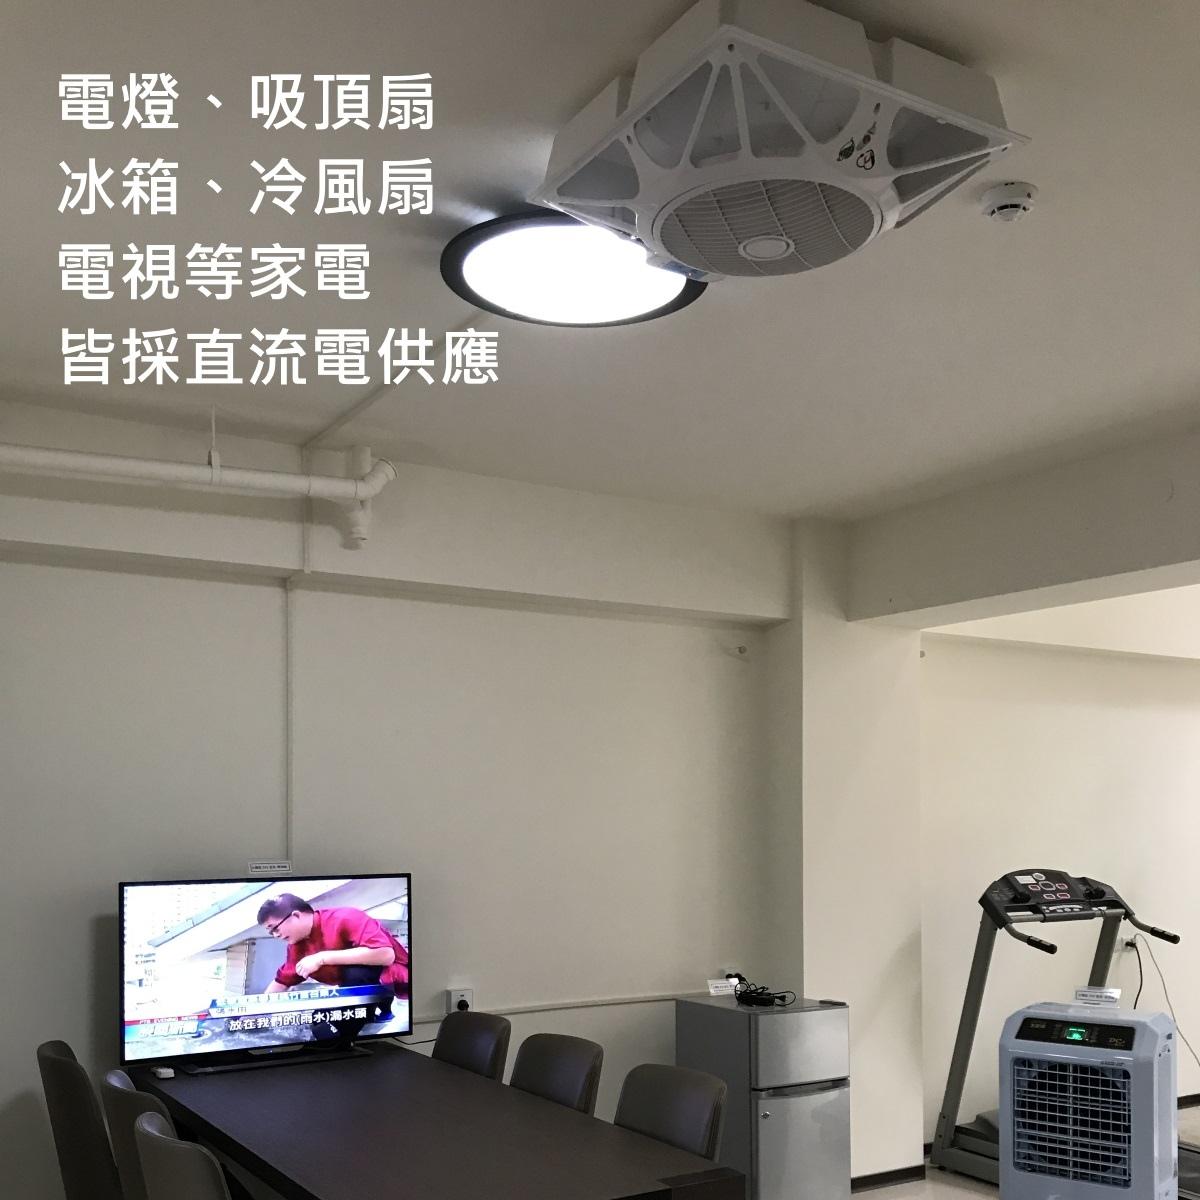 [專題報導]停電怎麼辦?深耕11有解-11.JPG